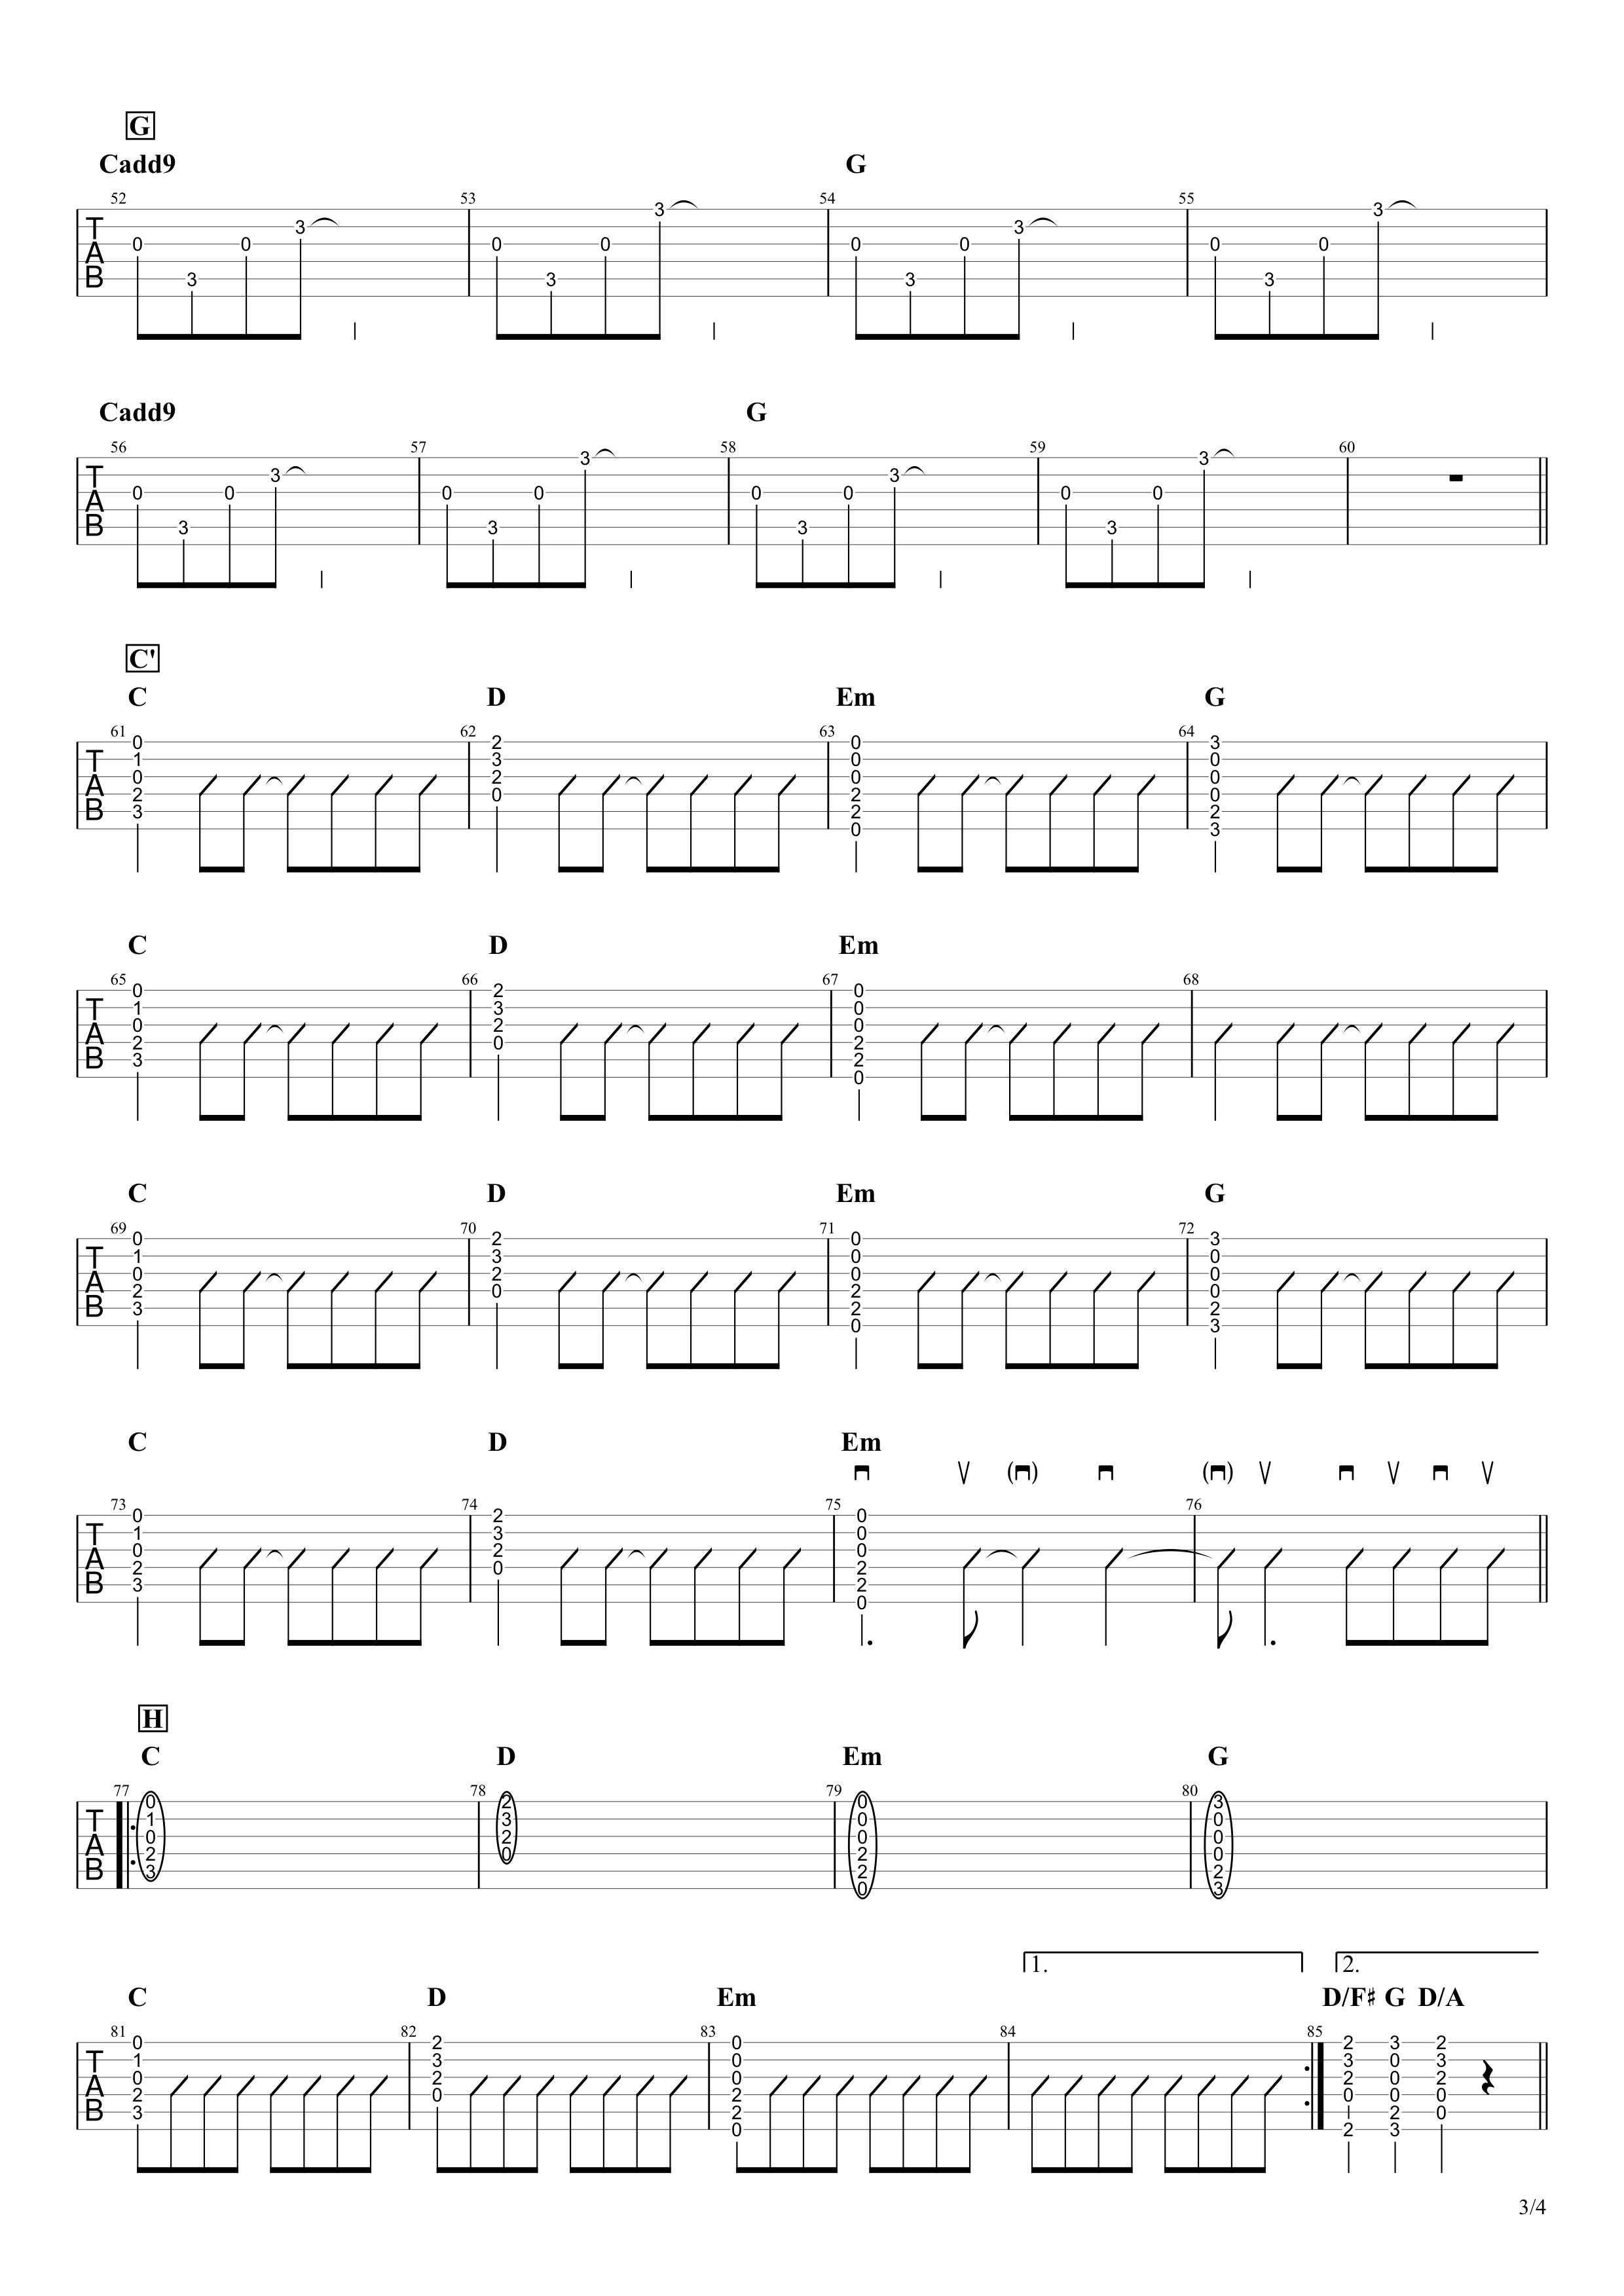 ヒカリへ/miwa ギタータブ&コード譜03